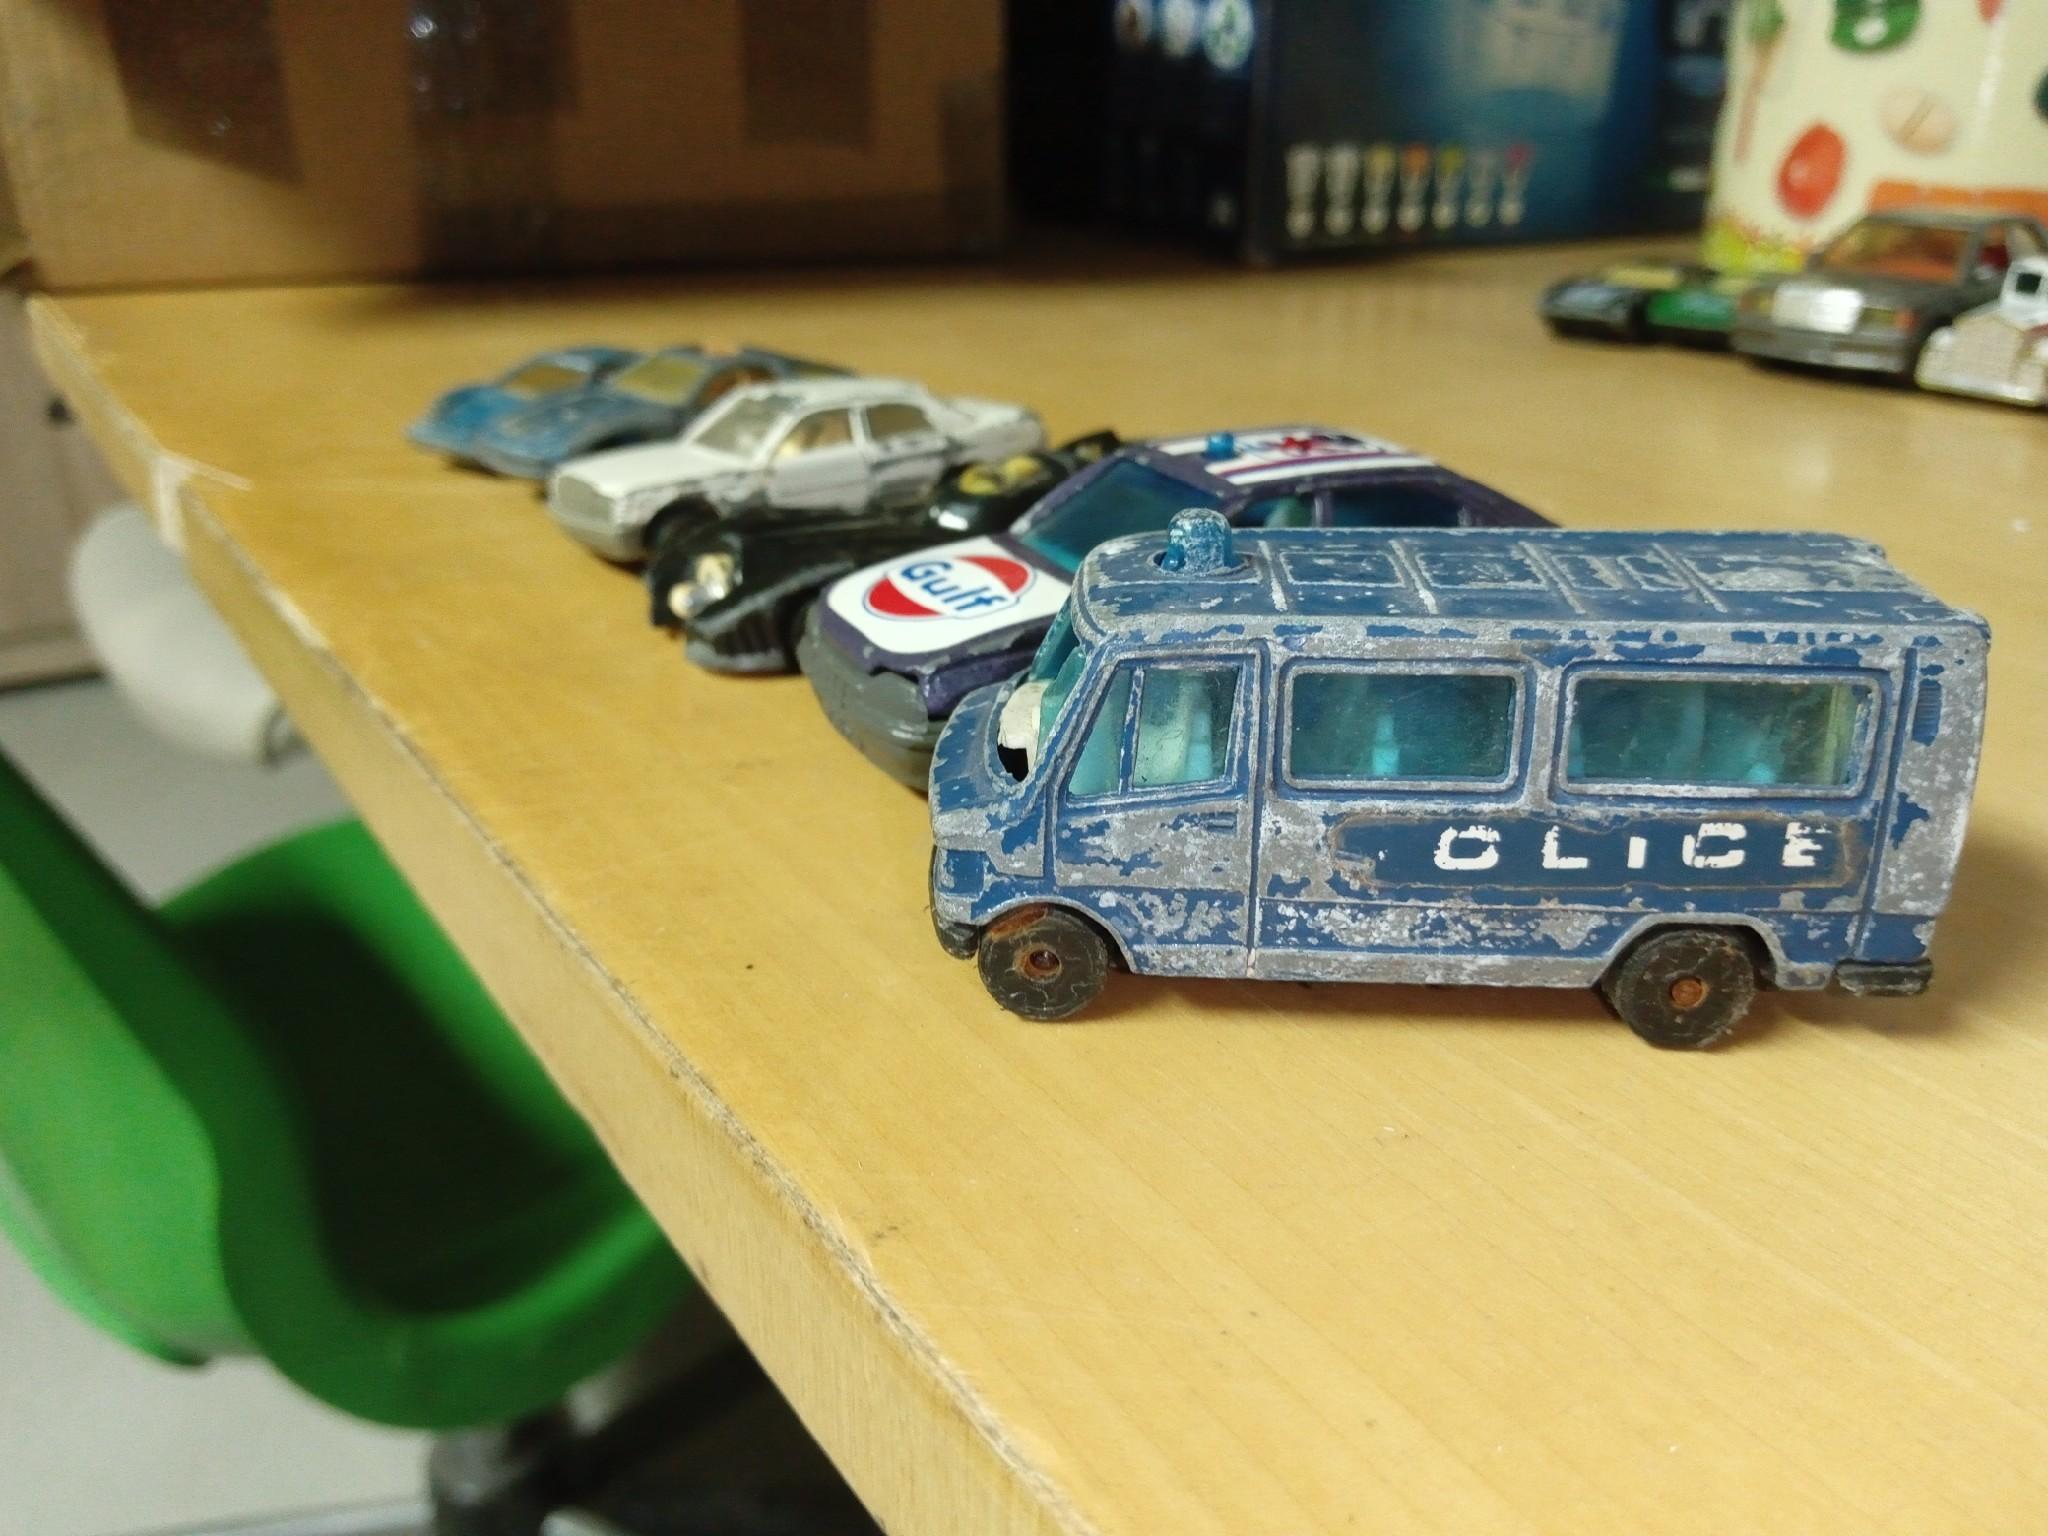 16e033d410fbcd178f16ee7ae5fbd4a5-metalcar-magyar-kisautok.jpg